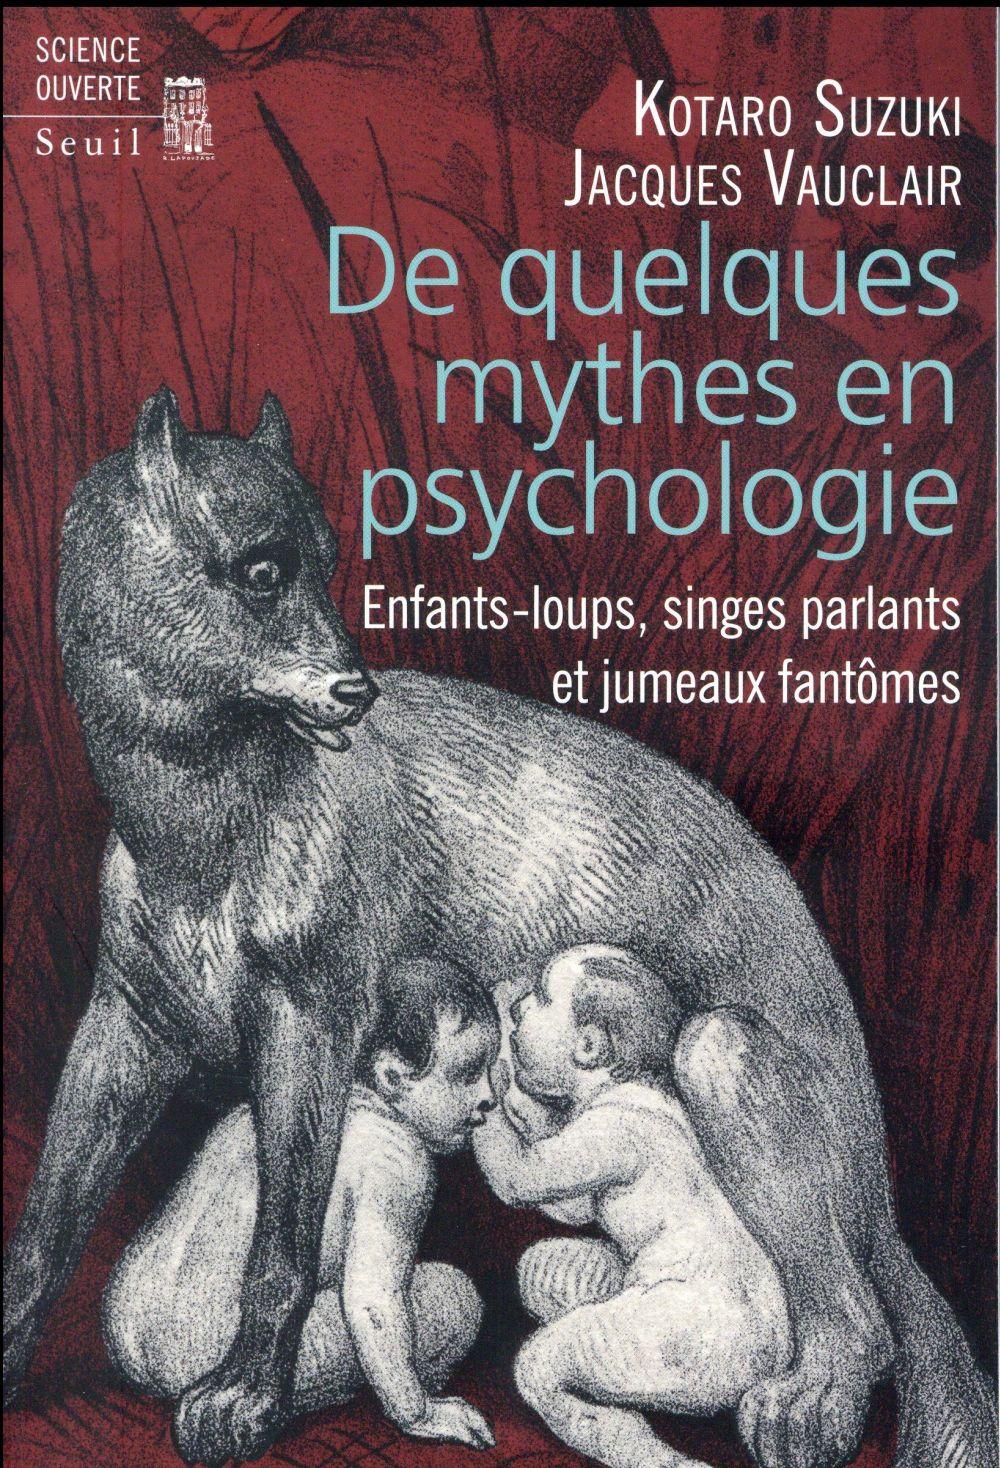 De quelques mythes en psychologie ; enfants-loups, singes parlants et jumeaux fantômes